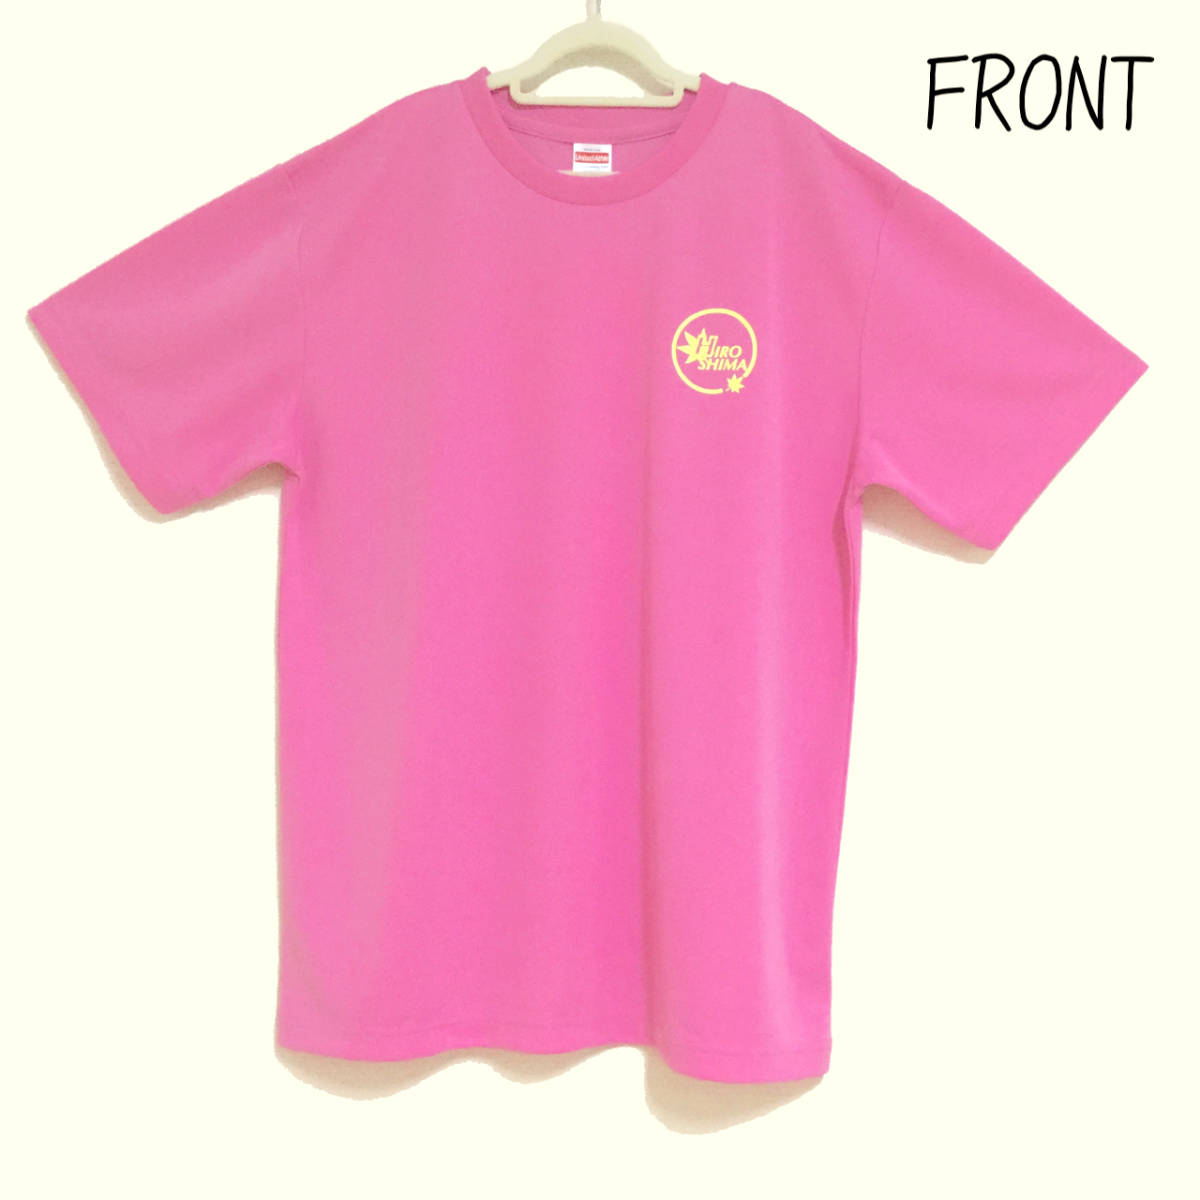 ドライTシャツ 広島ロゴ ピンク生地 XLサイズ